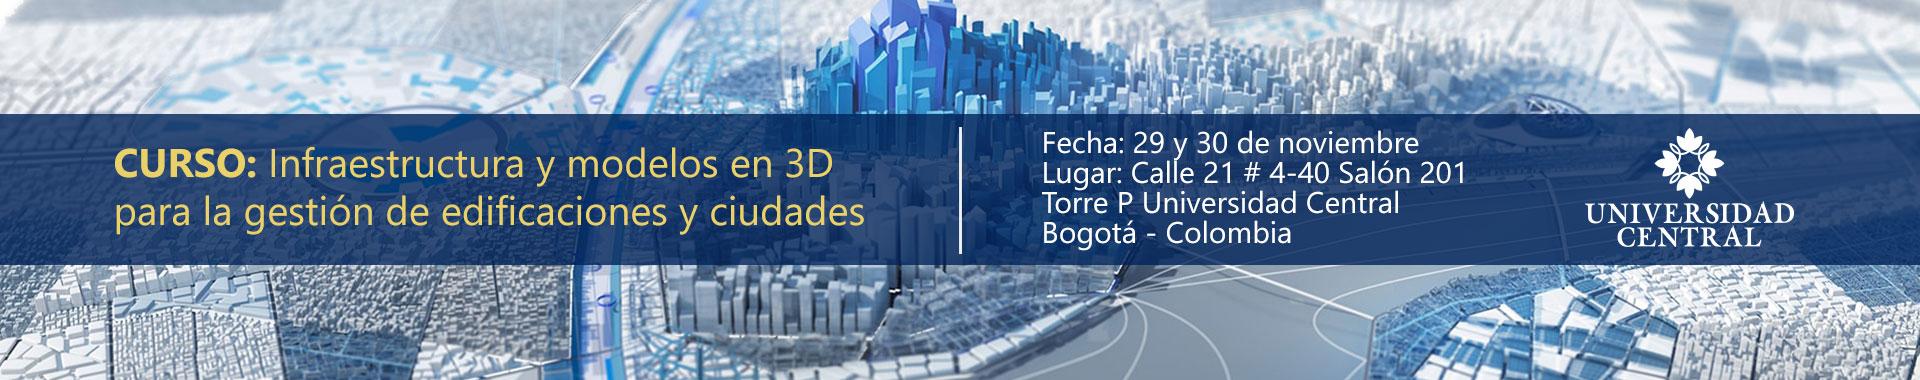 Curso - Infraestructura y modelos en 3D para la gestión de edificaciones y ciudades